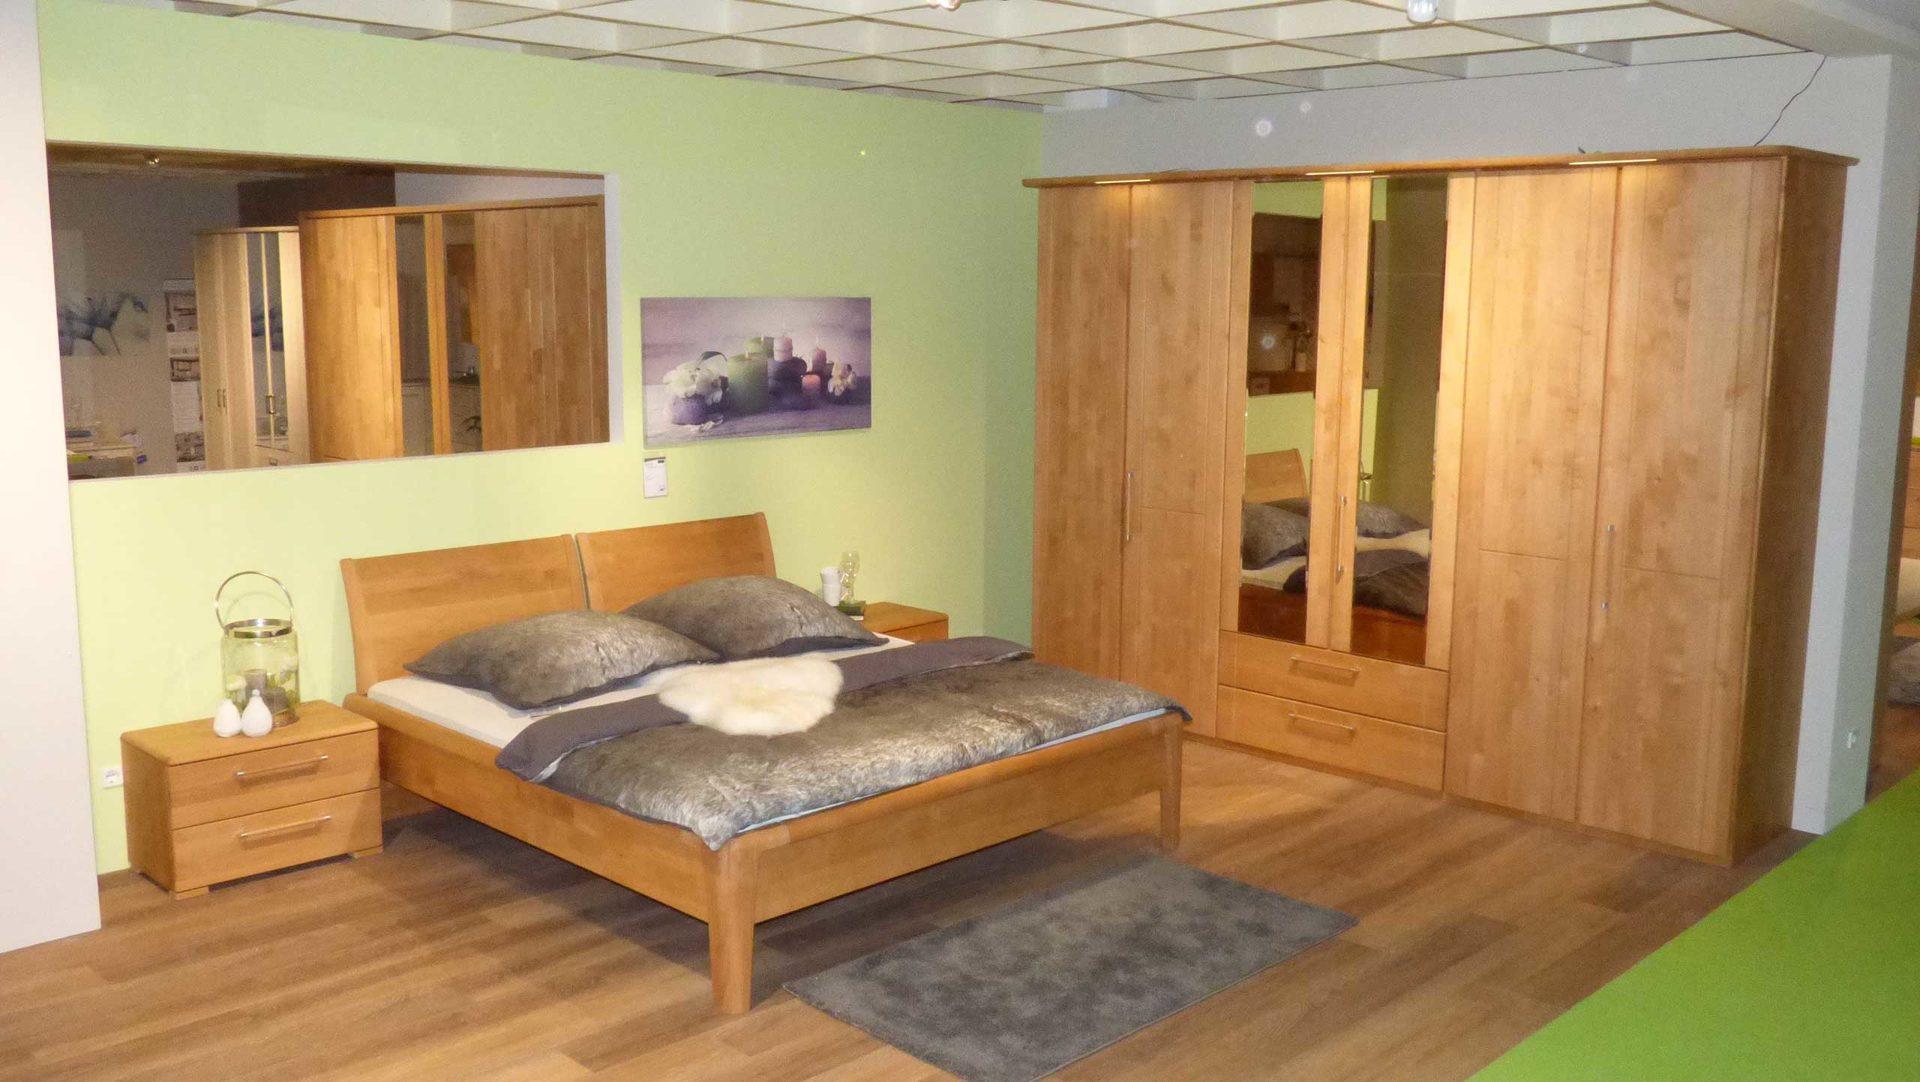 Partnerring Collection Schlafzimmer Bett 180 x 200 cm mit 2 Nachtkonsolen +  Kleiderschrank Erle massiv, Erle massiv geölt, Grif